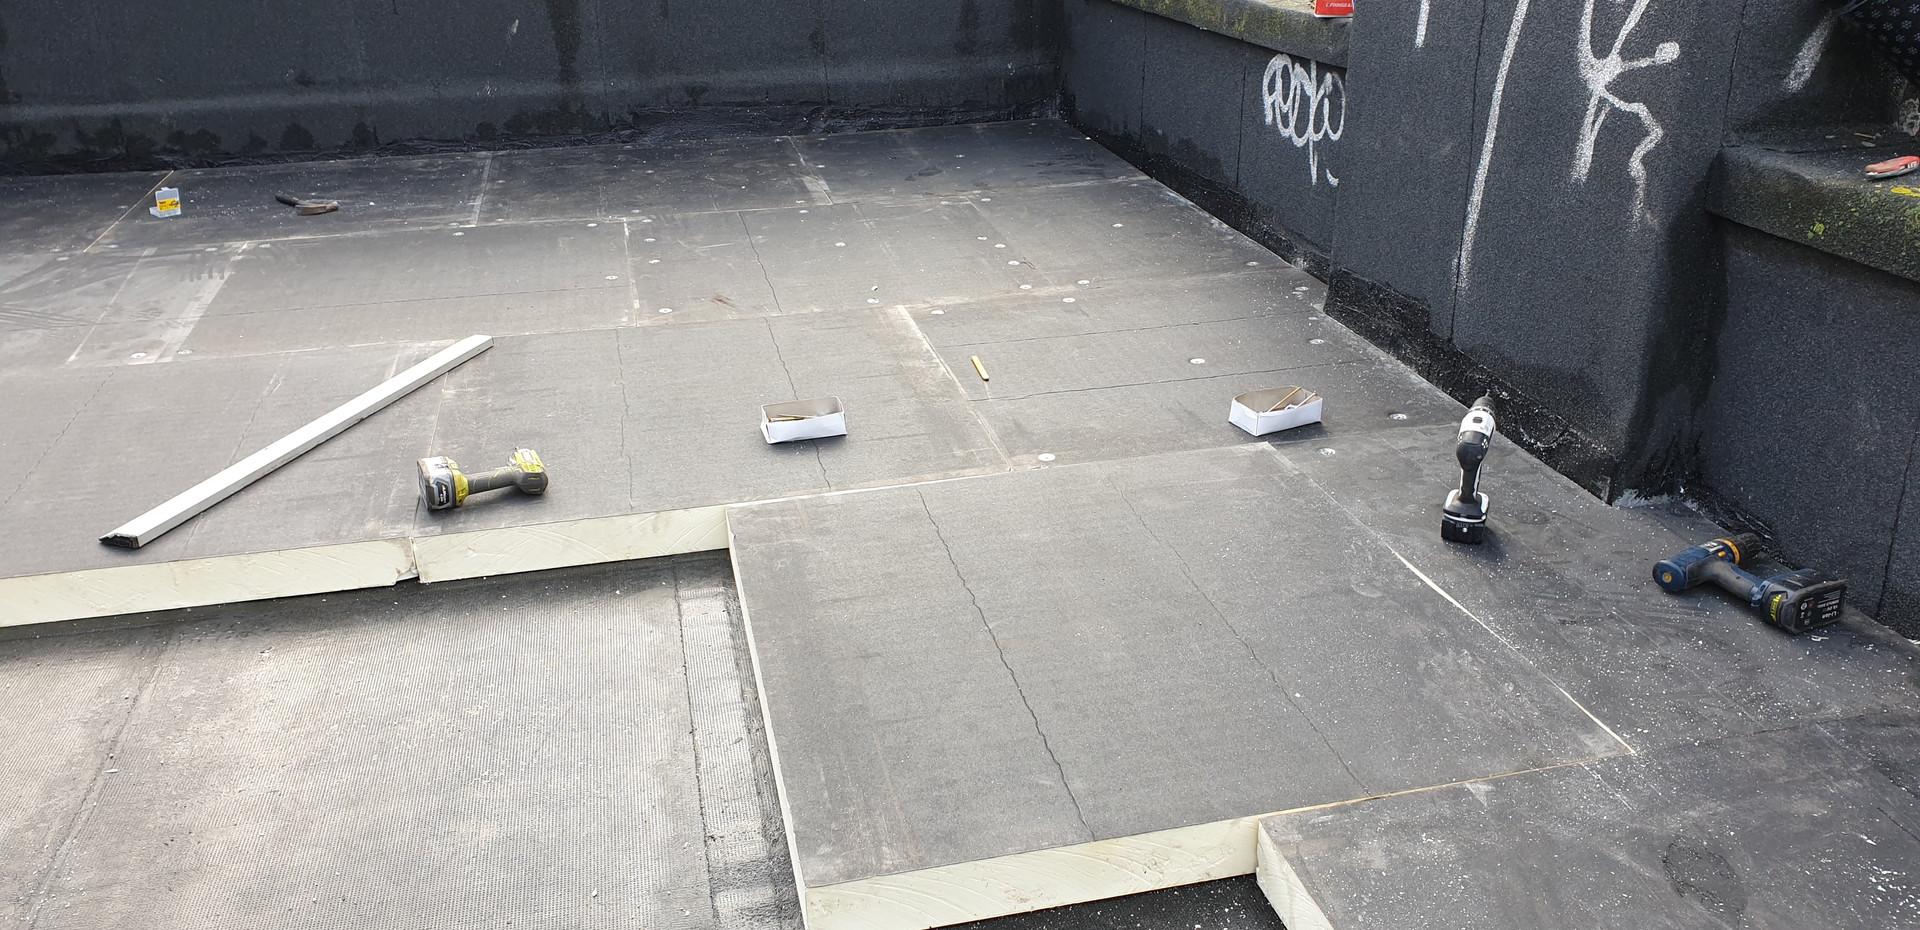 9A/9B LOWERABBEY STREET. DUBLIN 1.